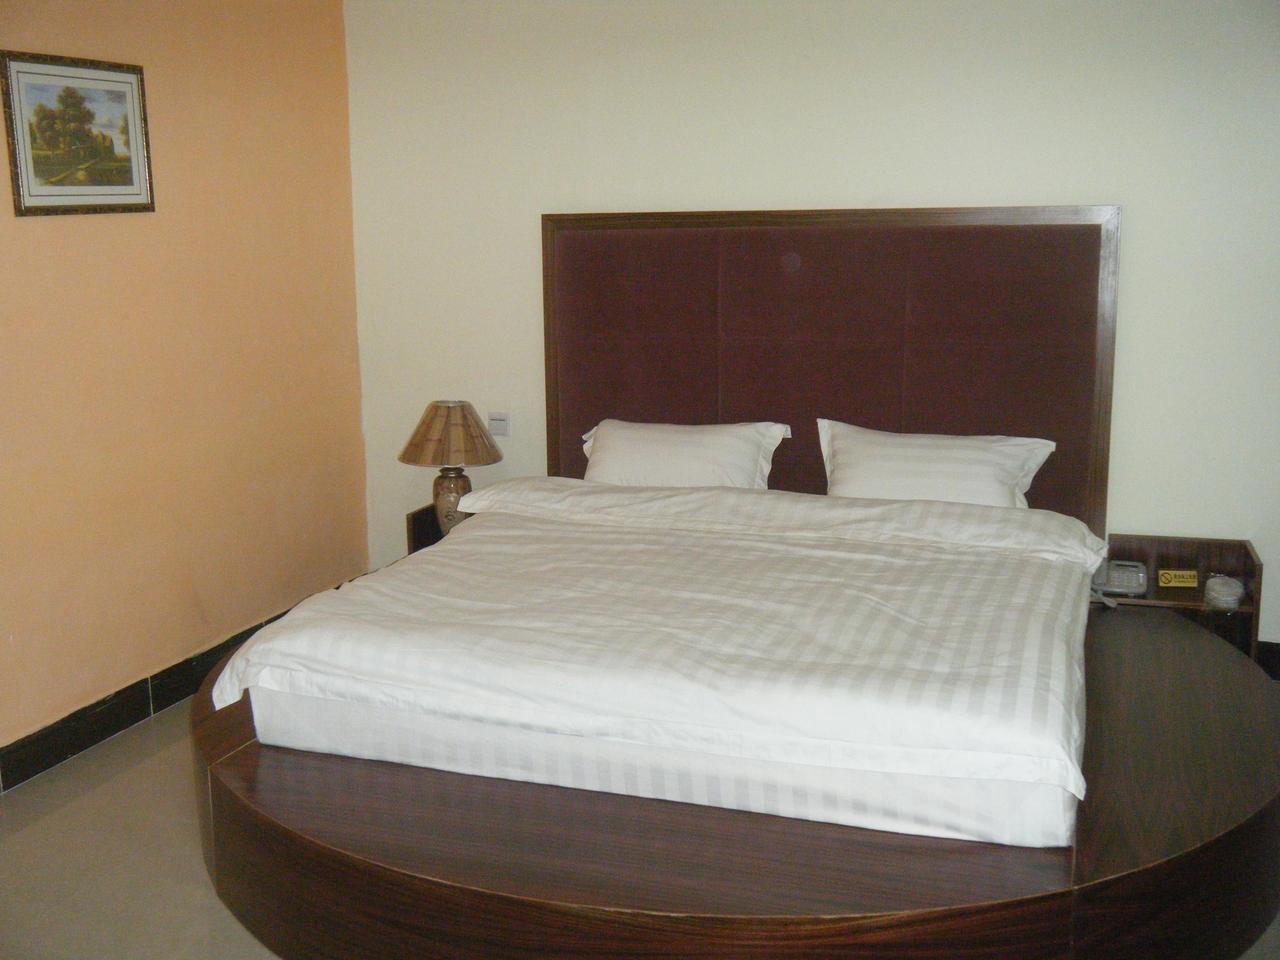 背景墙 房间 家居 酒店 设计 卧室 卧室装修 现代 装修 1280_960